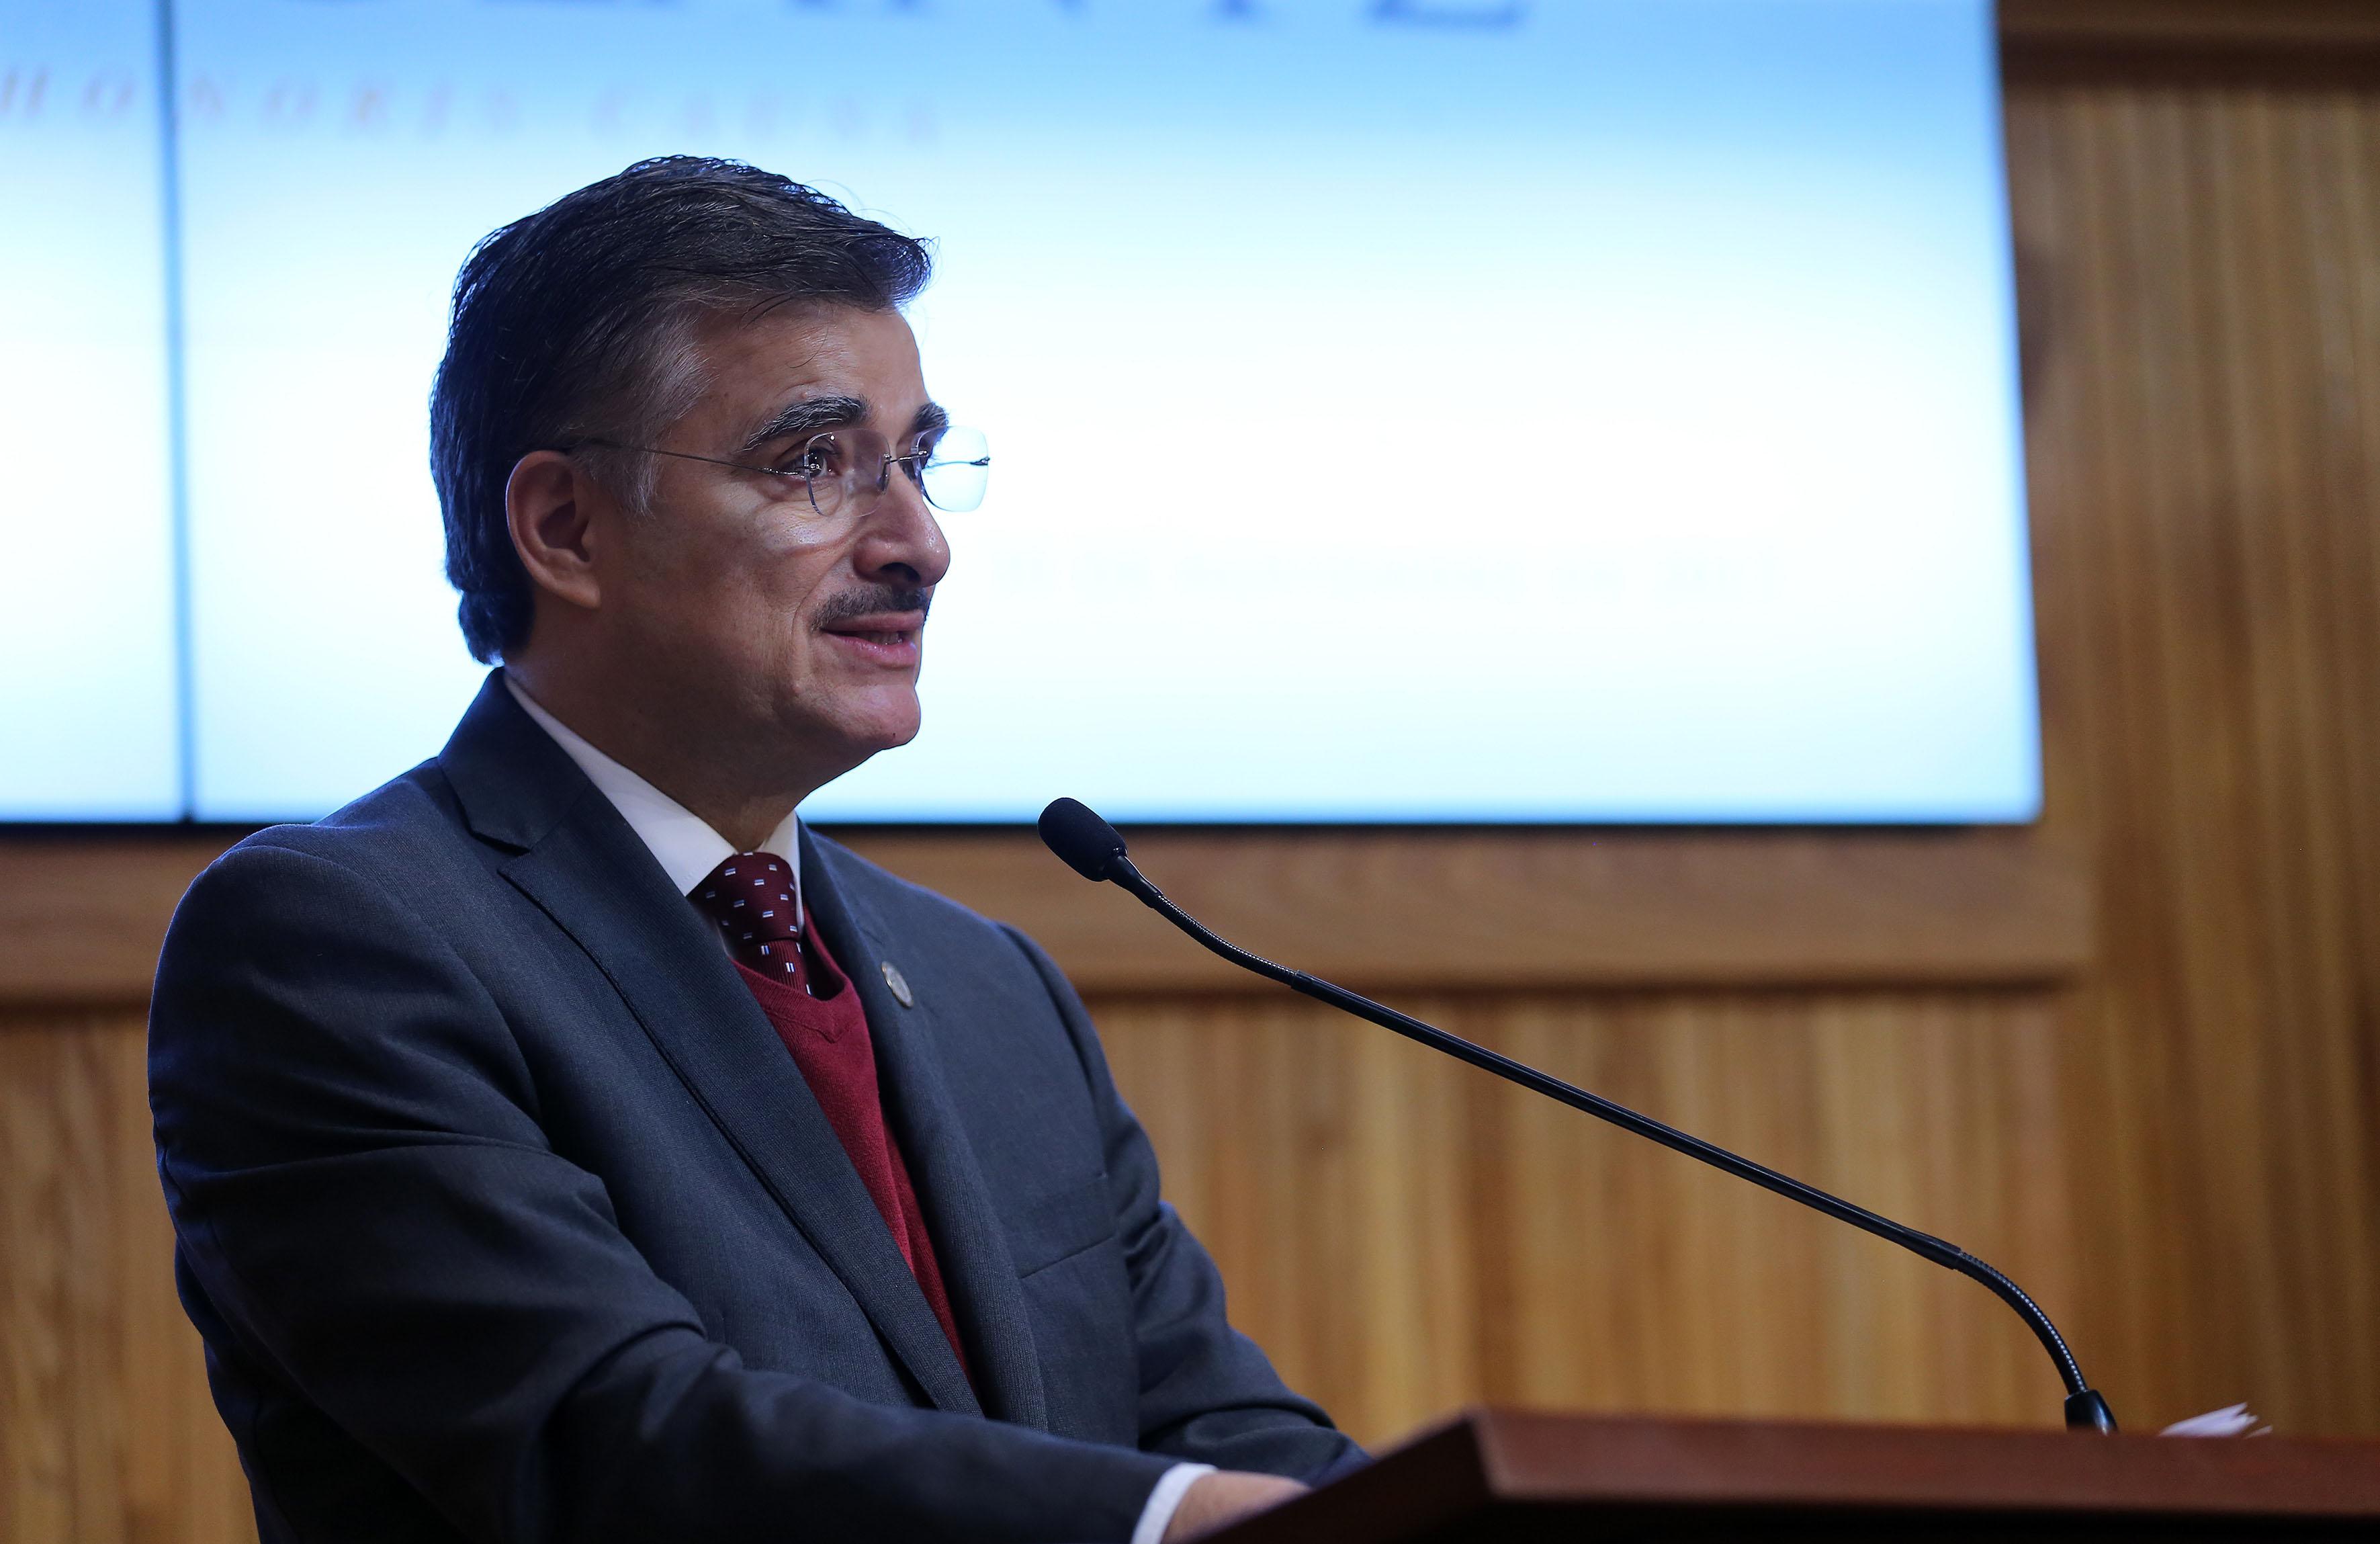 Rector General de la Universidad de Guadalajara, maestro Itzcóatl Tonatiuh Bravo Padilla, haciendo uso de la palabra en la ceremonia de entrega de Doctorado Honoris Causa a la escritora Margo Glantz